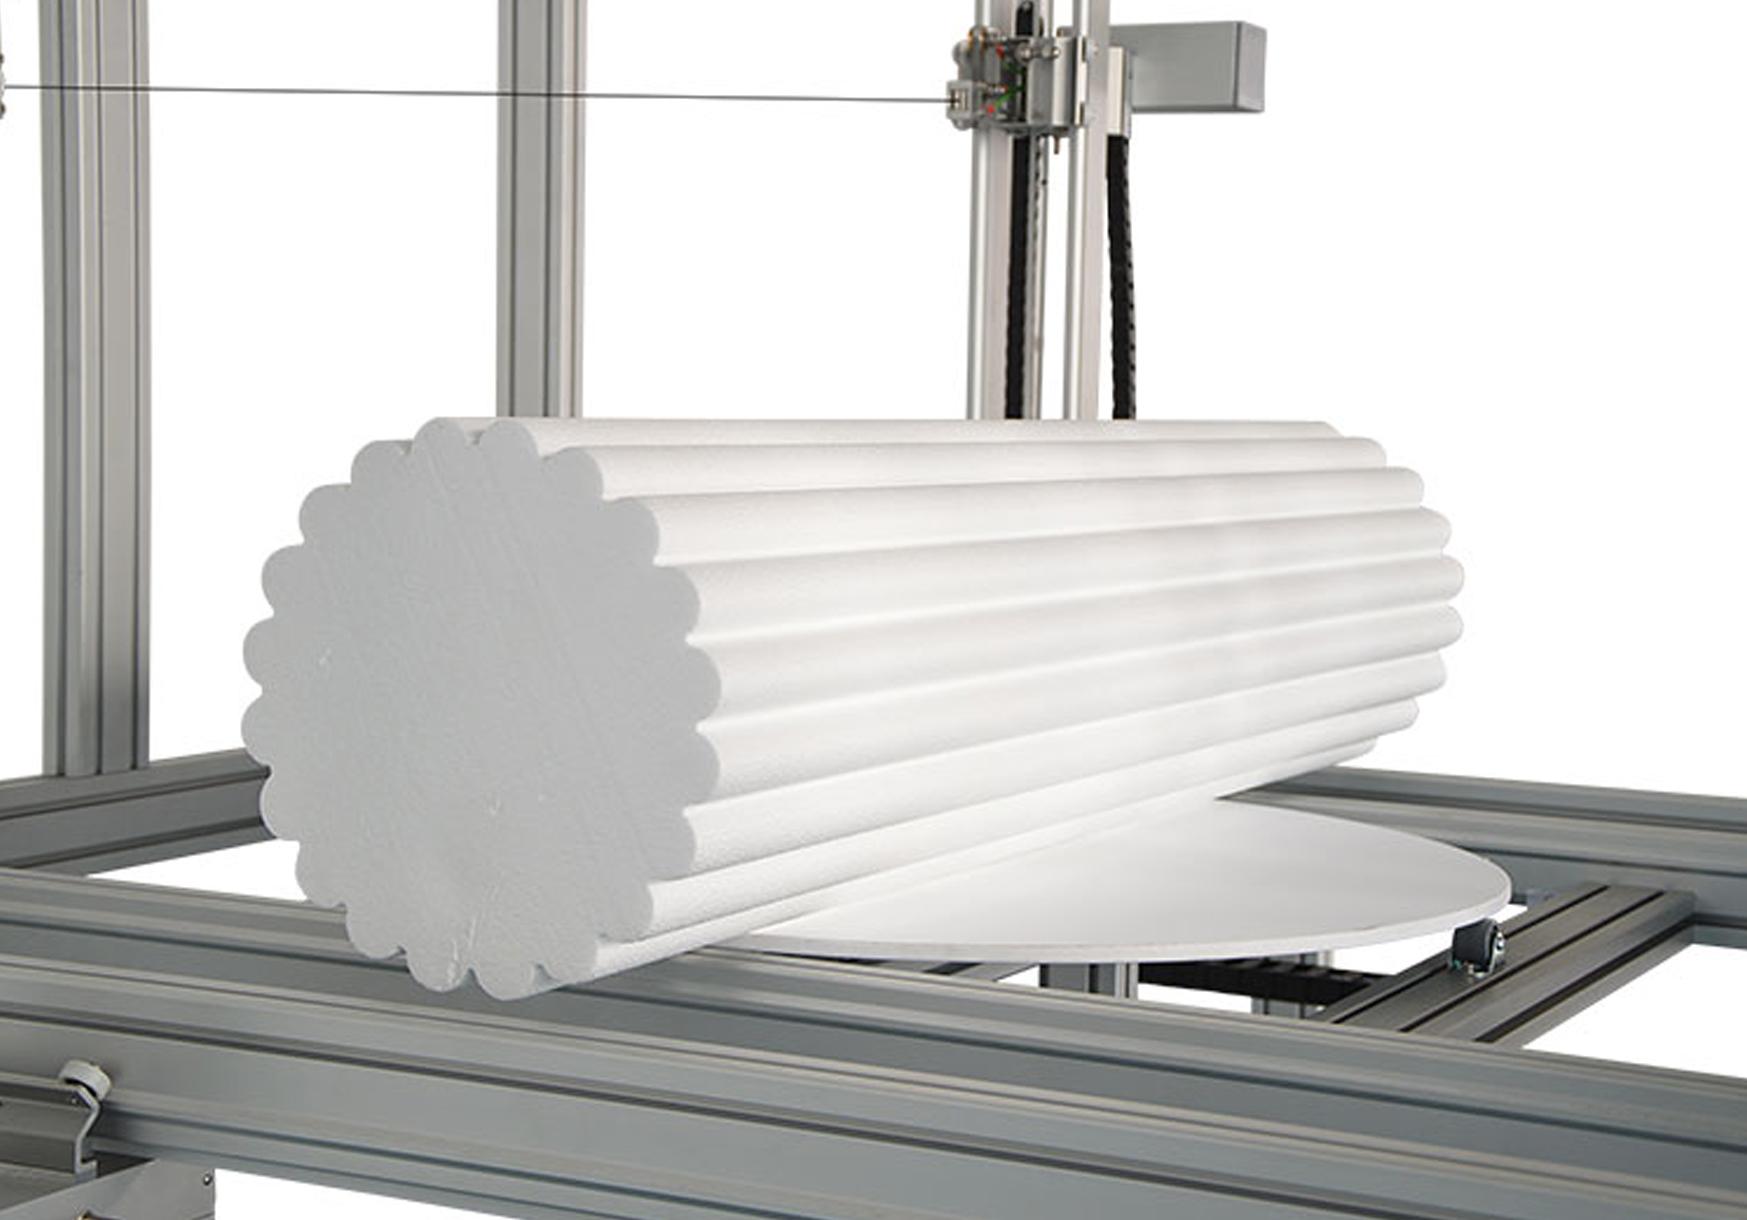 3d hot wire cnc foam cutter - Buy eps foam cutter, 3d hot wire cnc ...